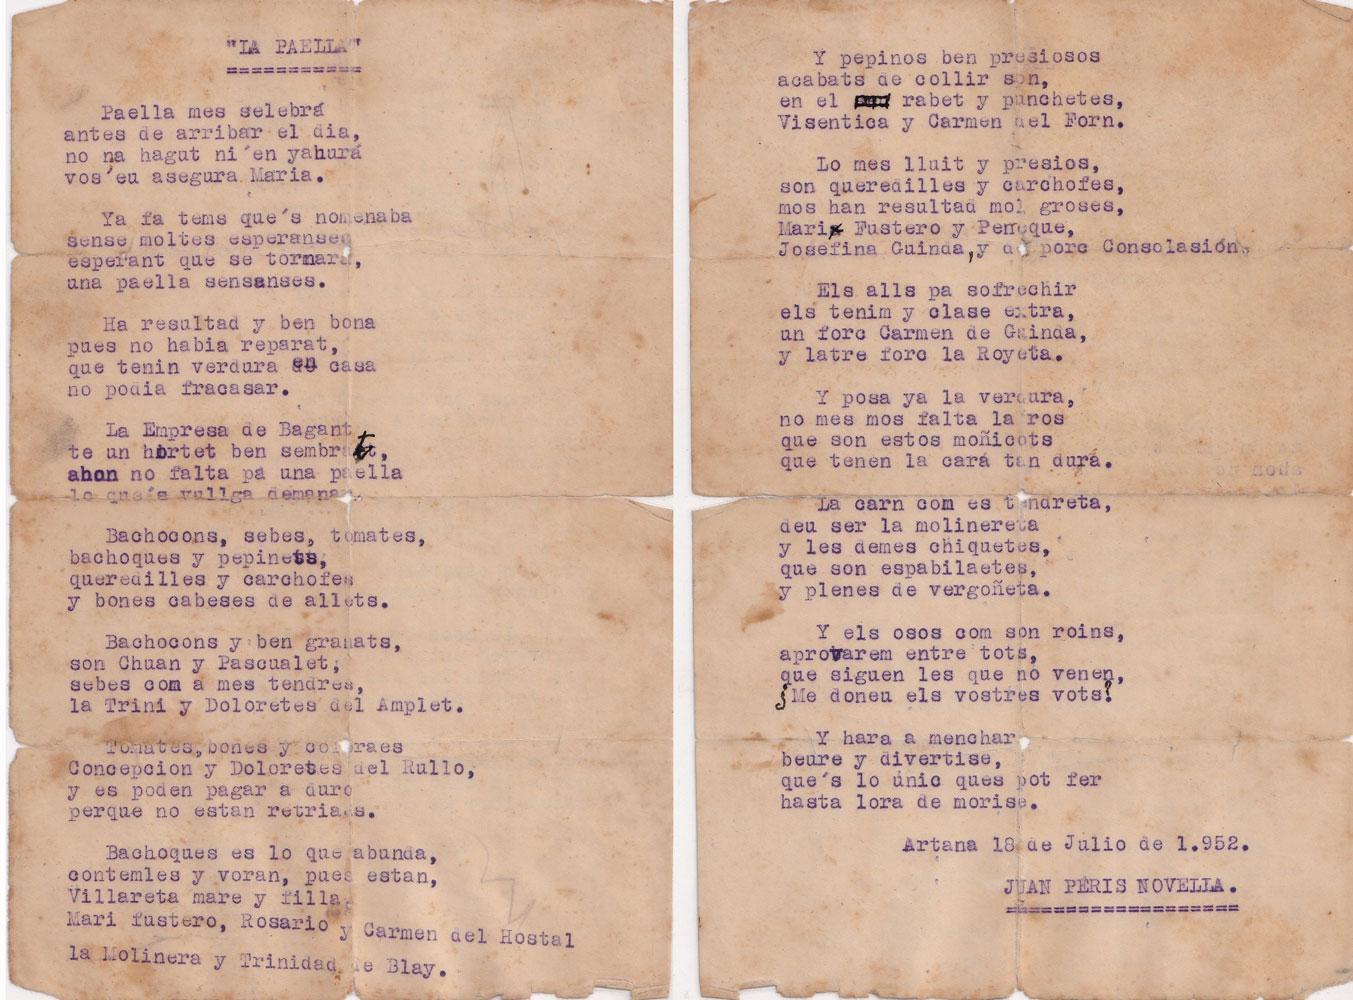 2 versos-Paella_Juan-Peris-Novella